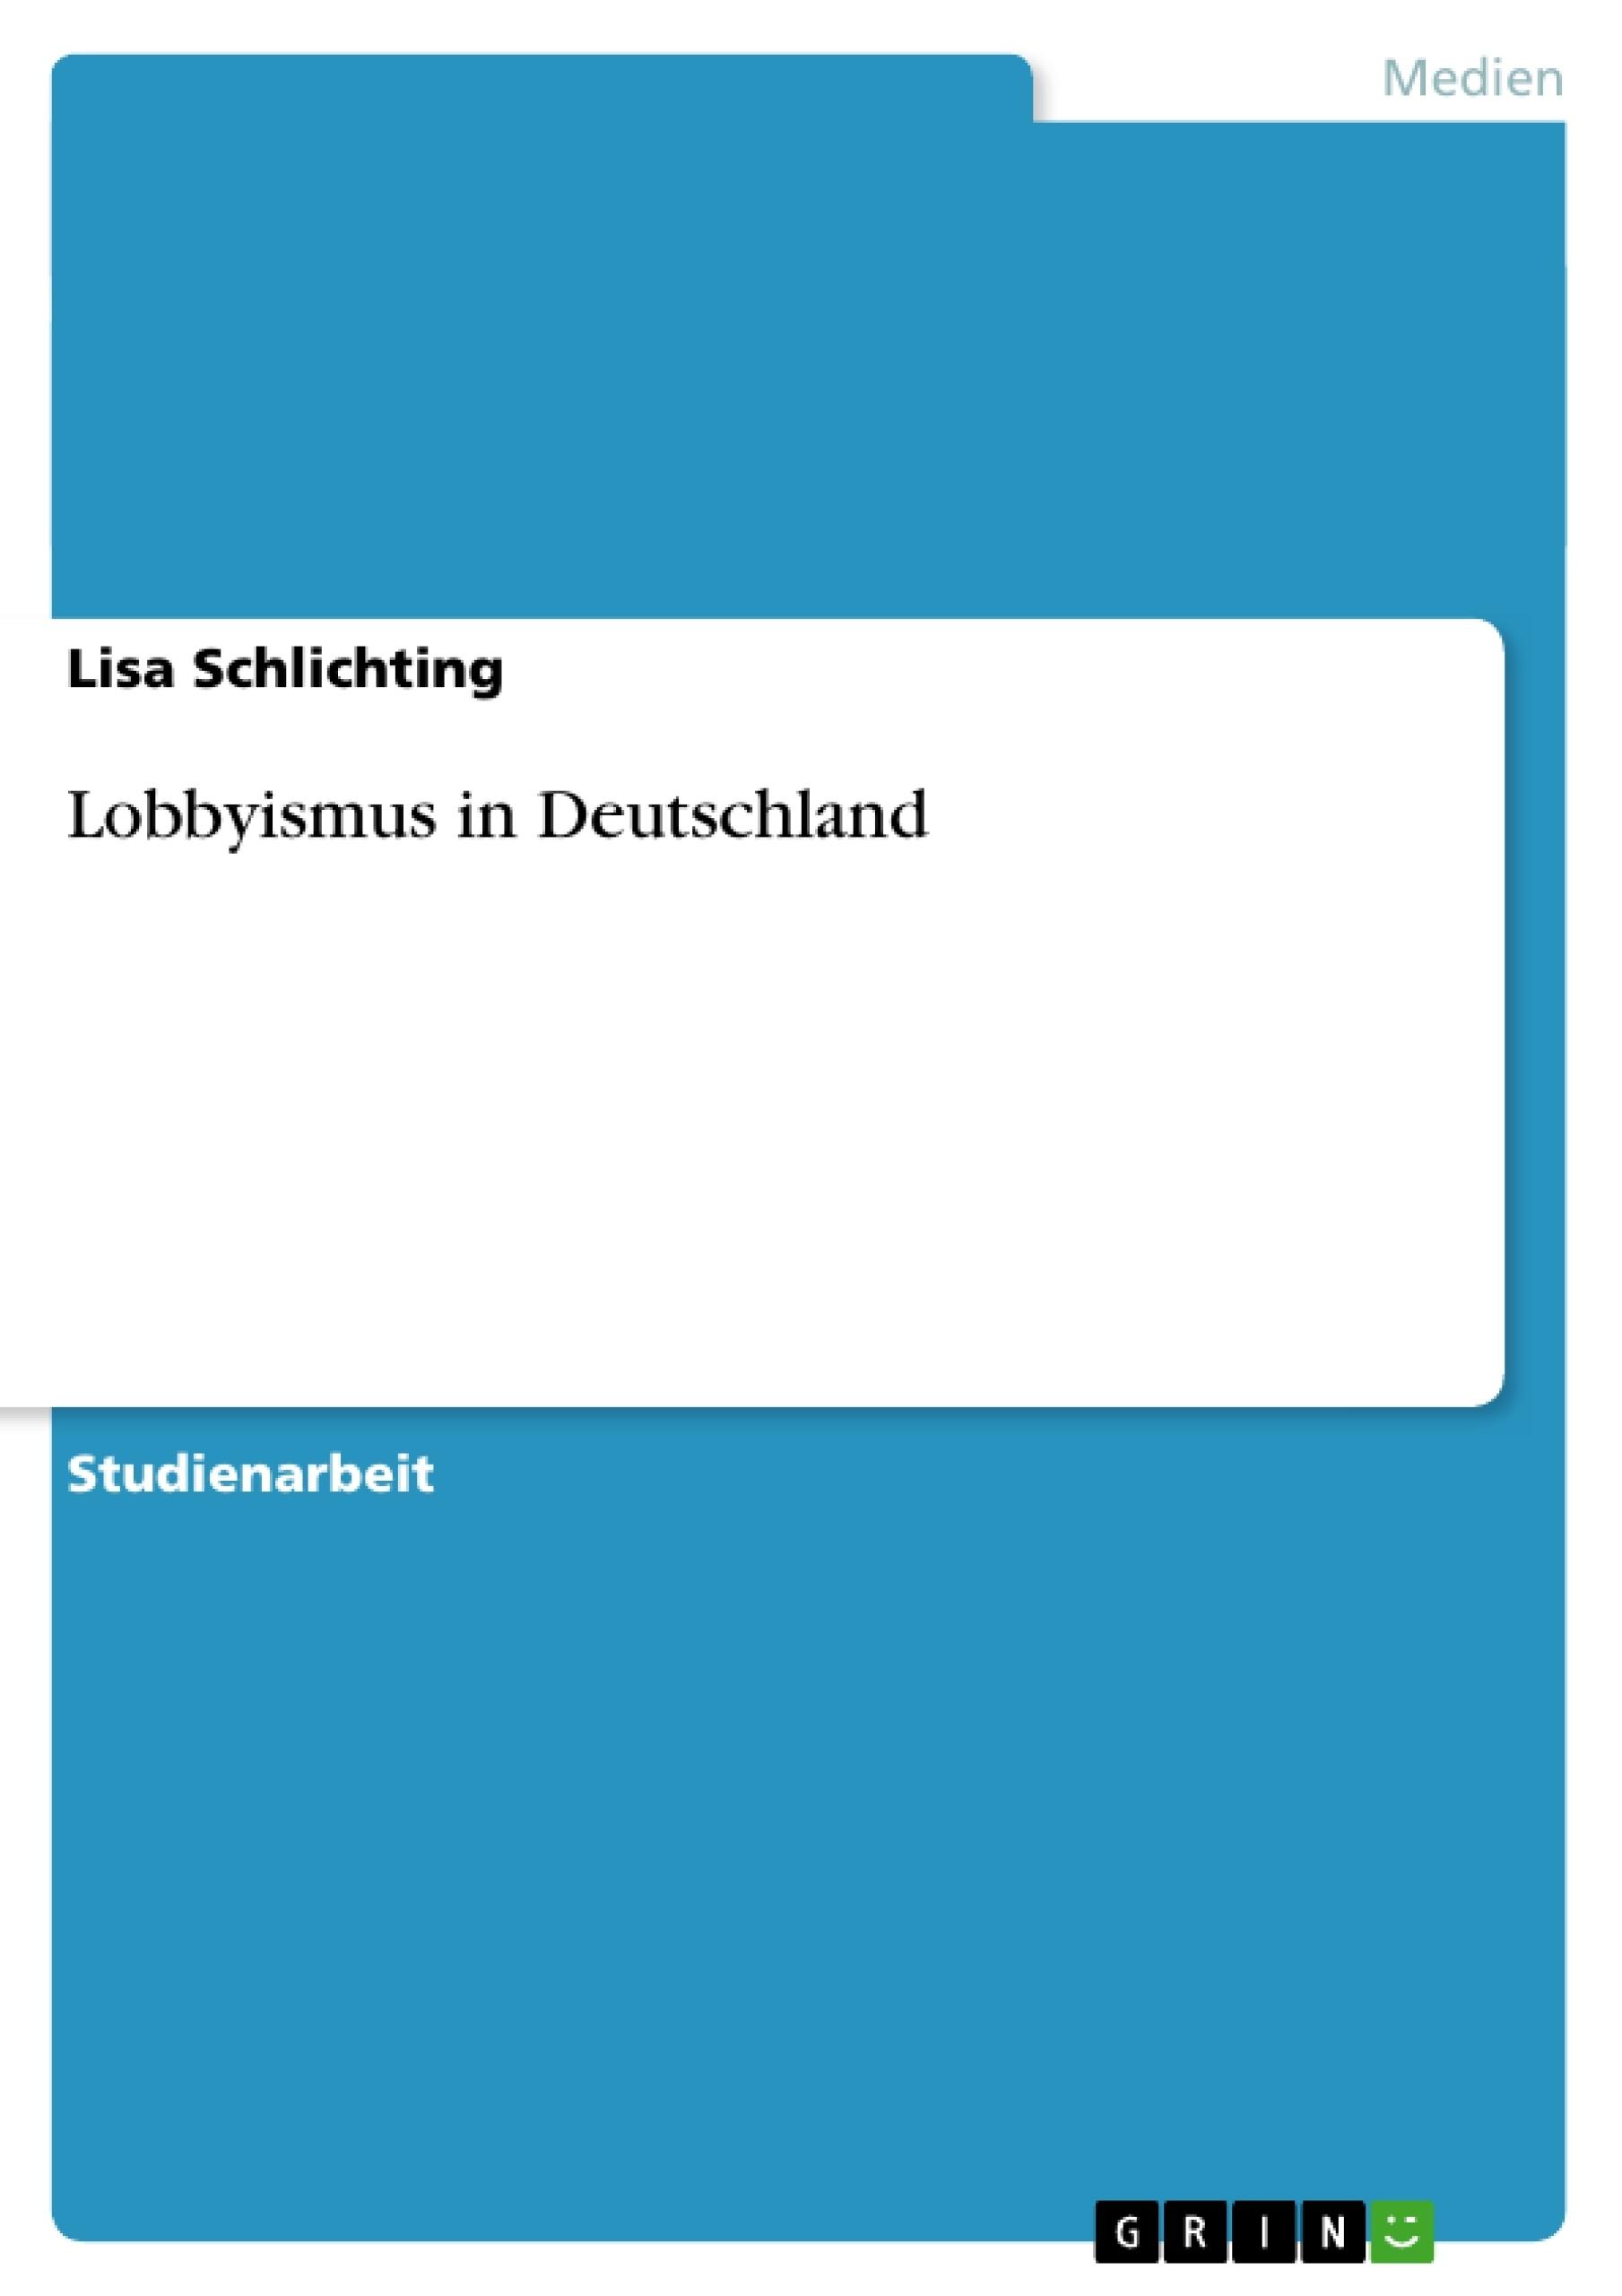 Titel: Lobbyismus in Deutschland